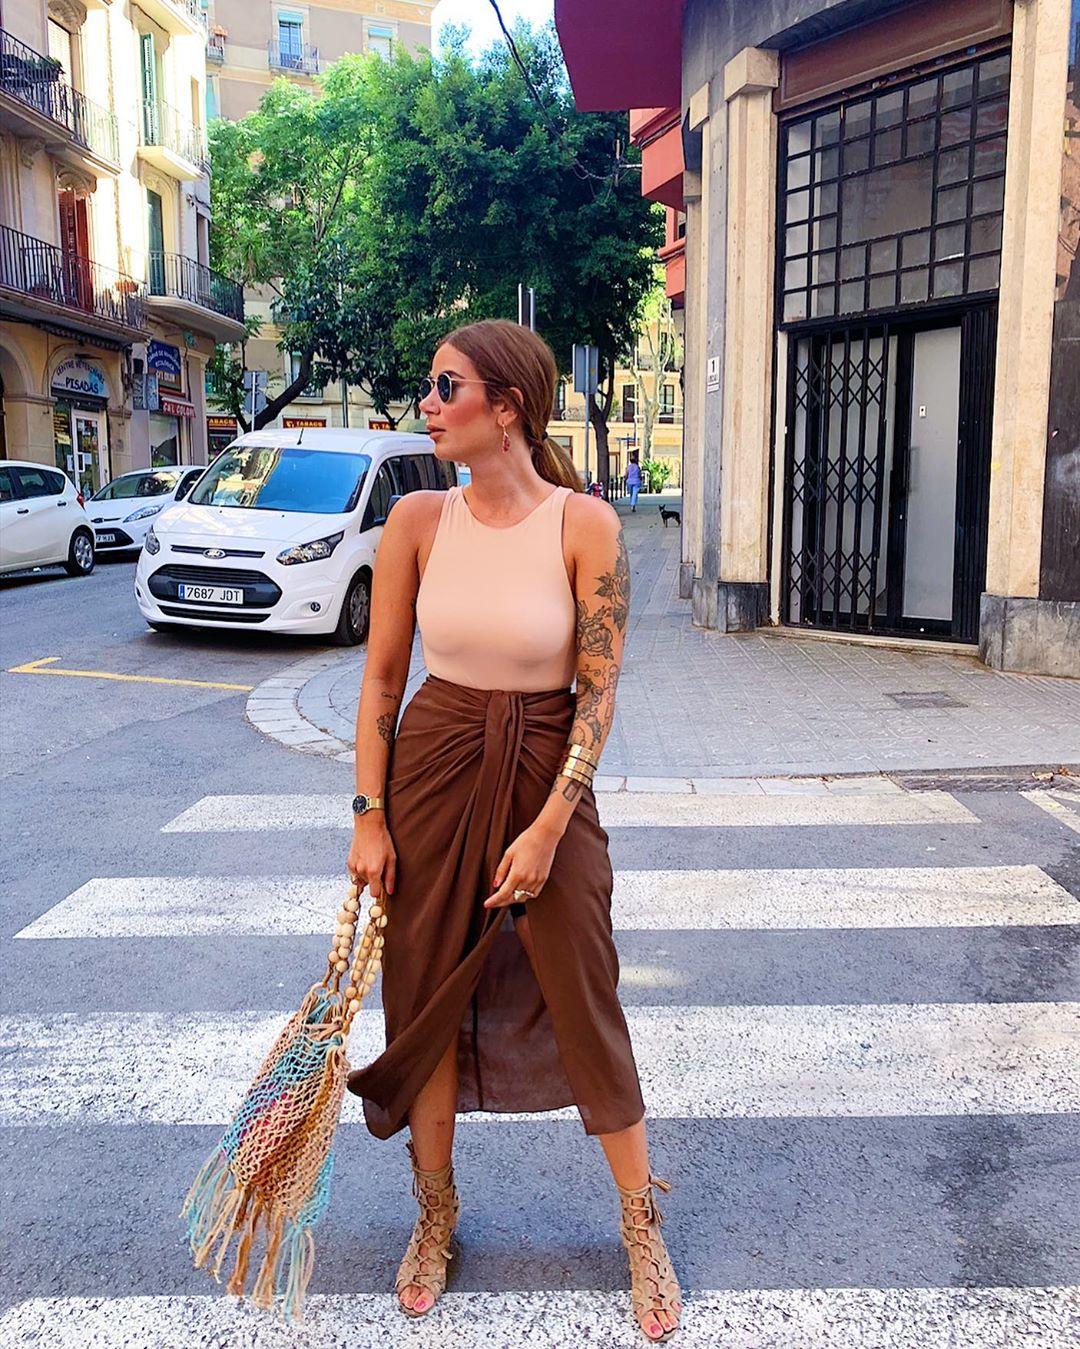 skirt with bow front de Zara sur tataass_